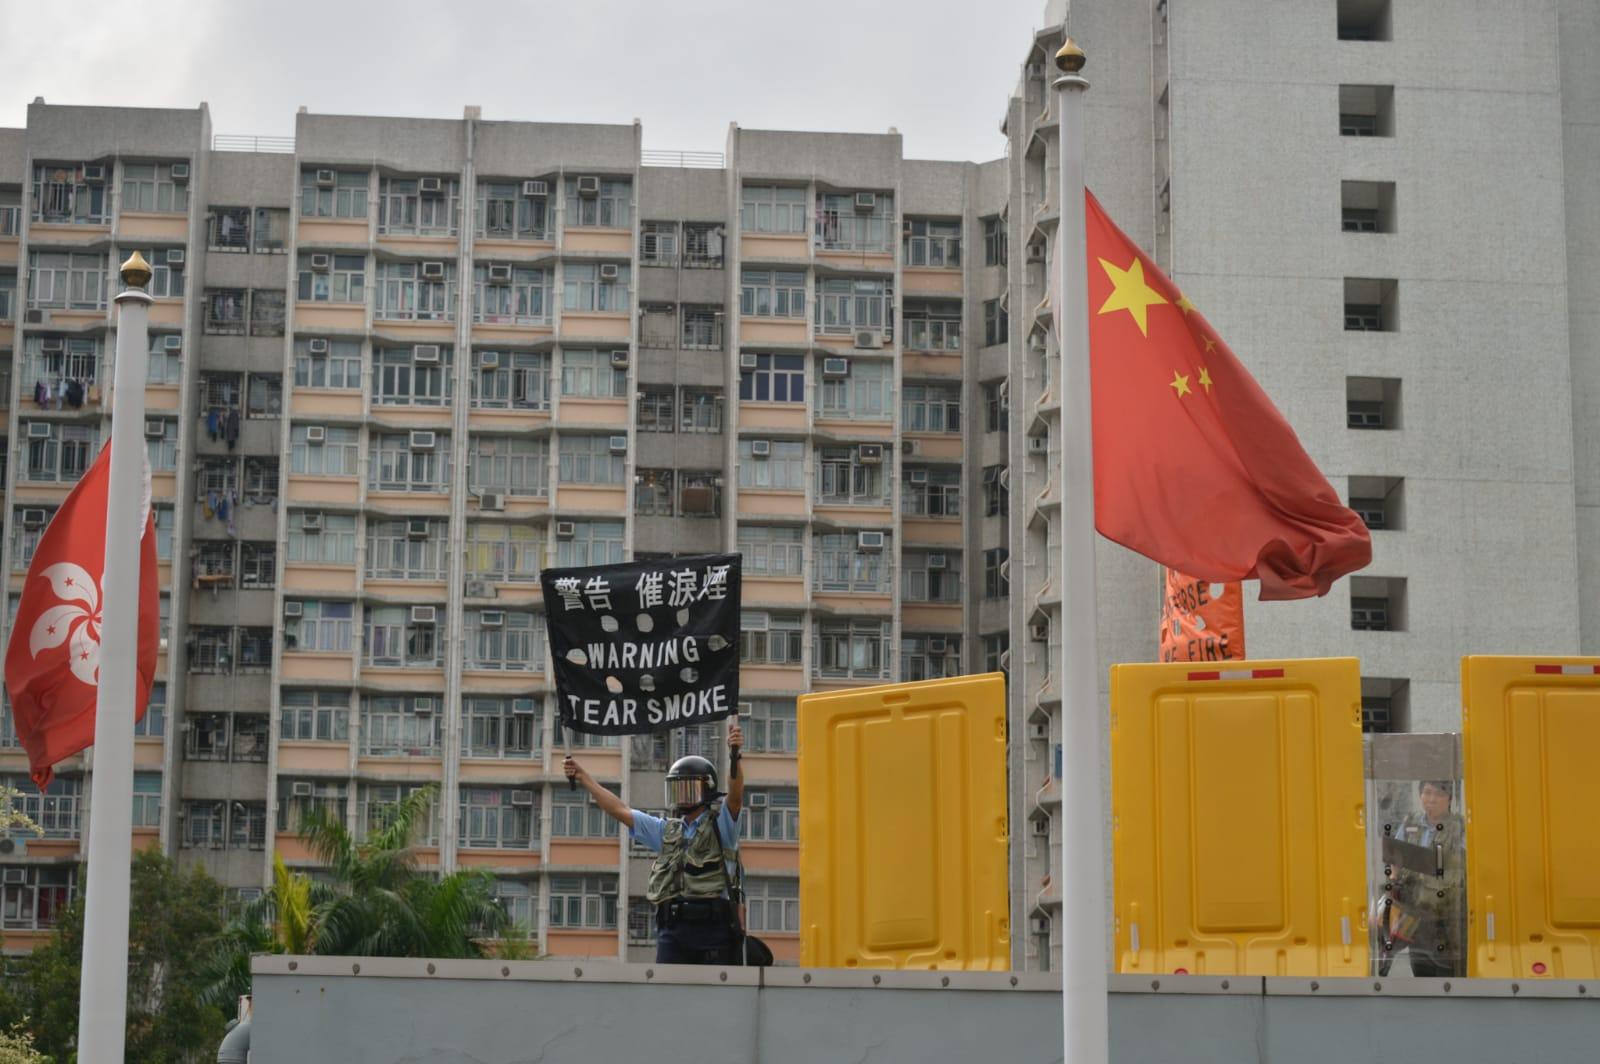 警察深水埗警署出示黑橙旗警告